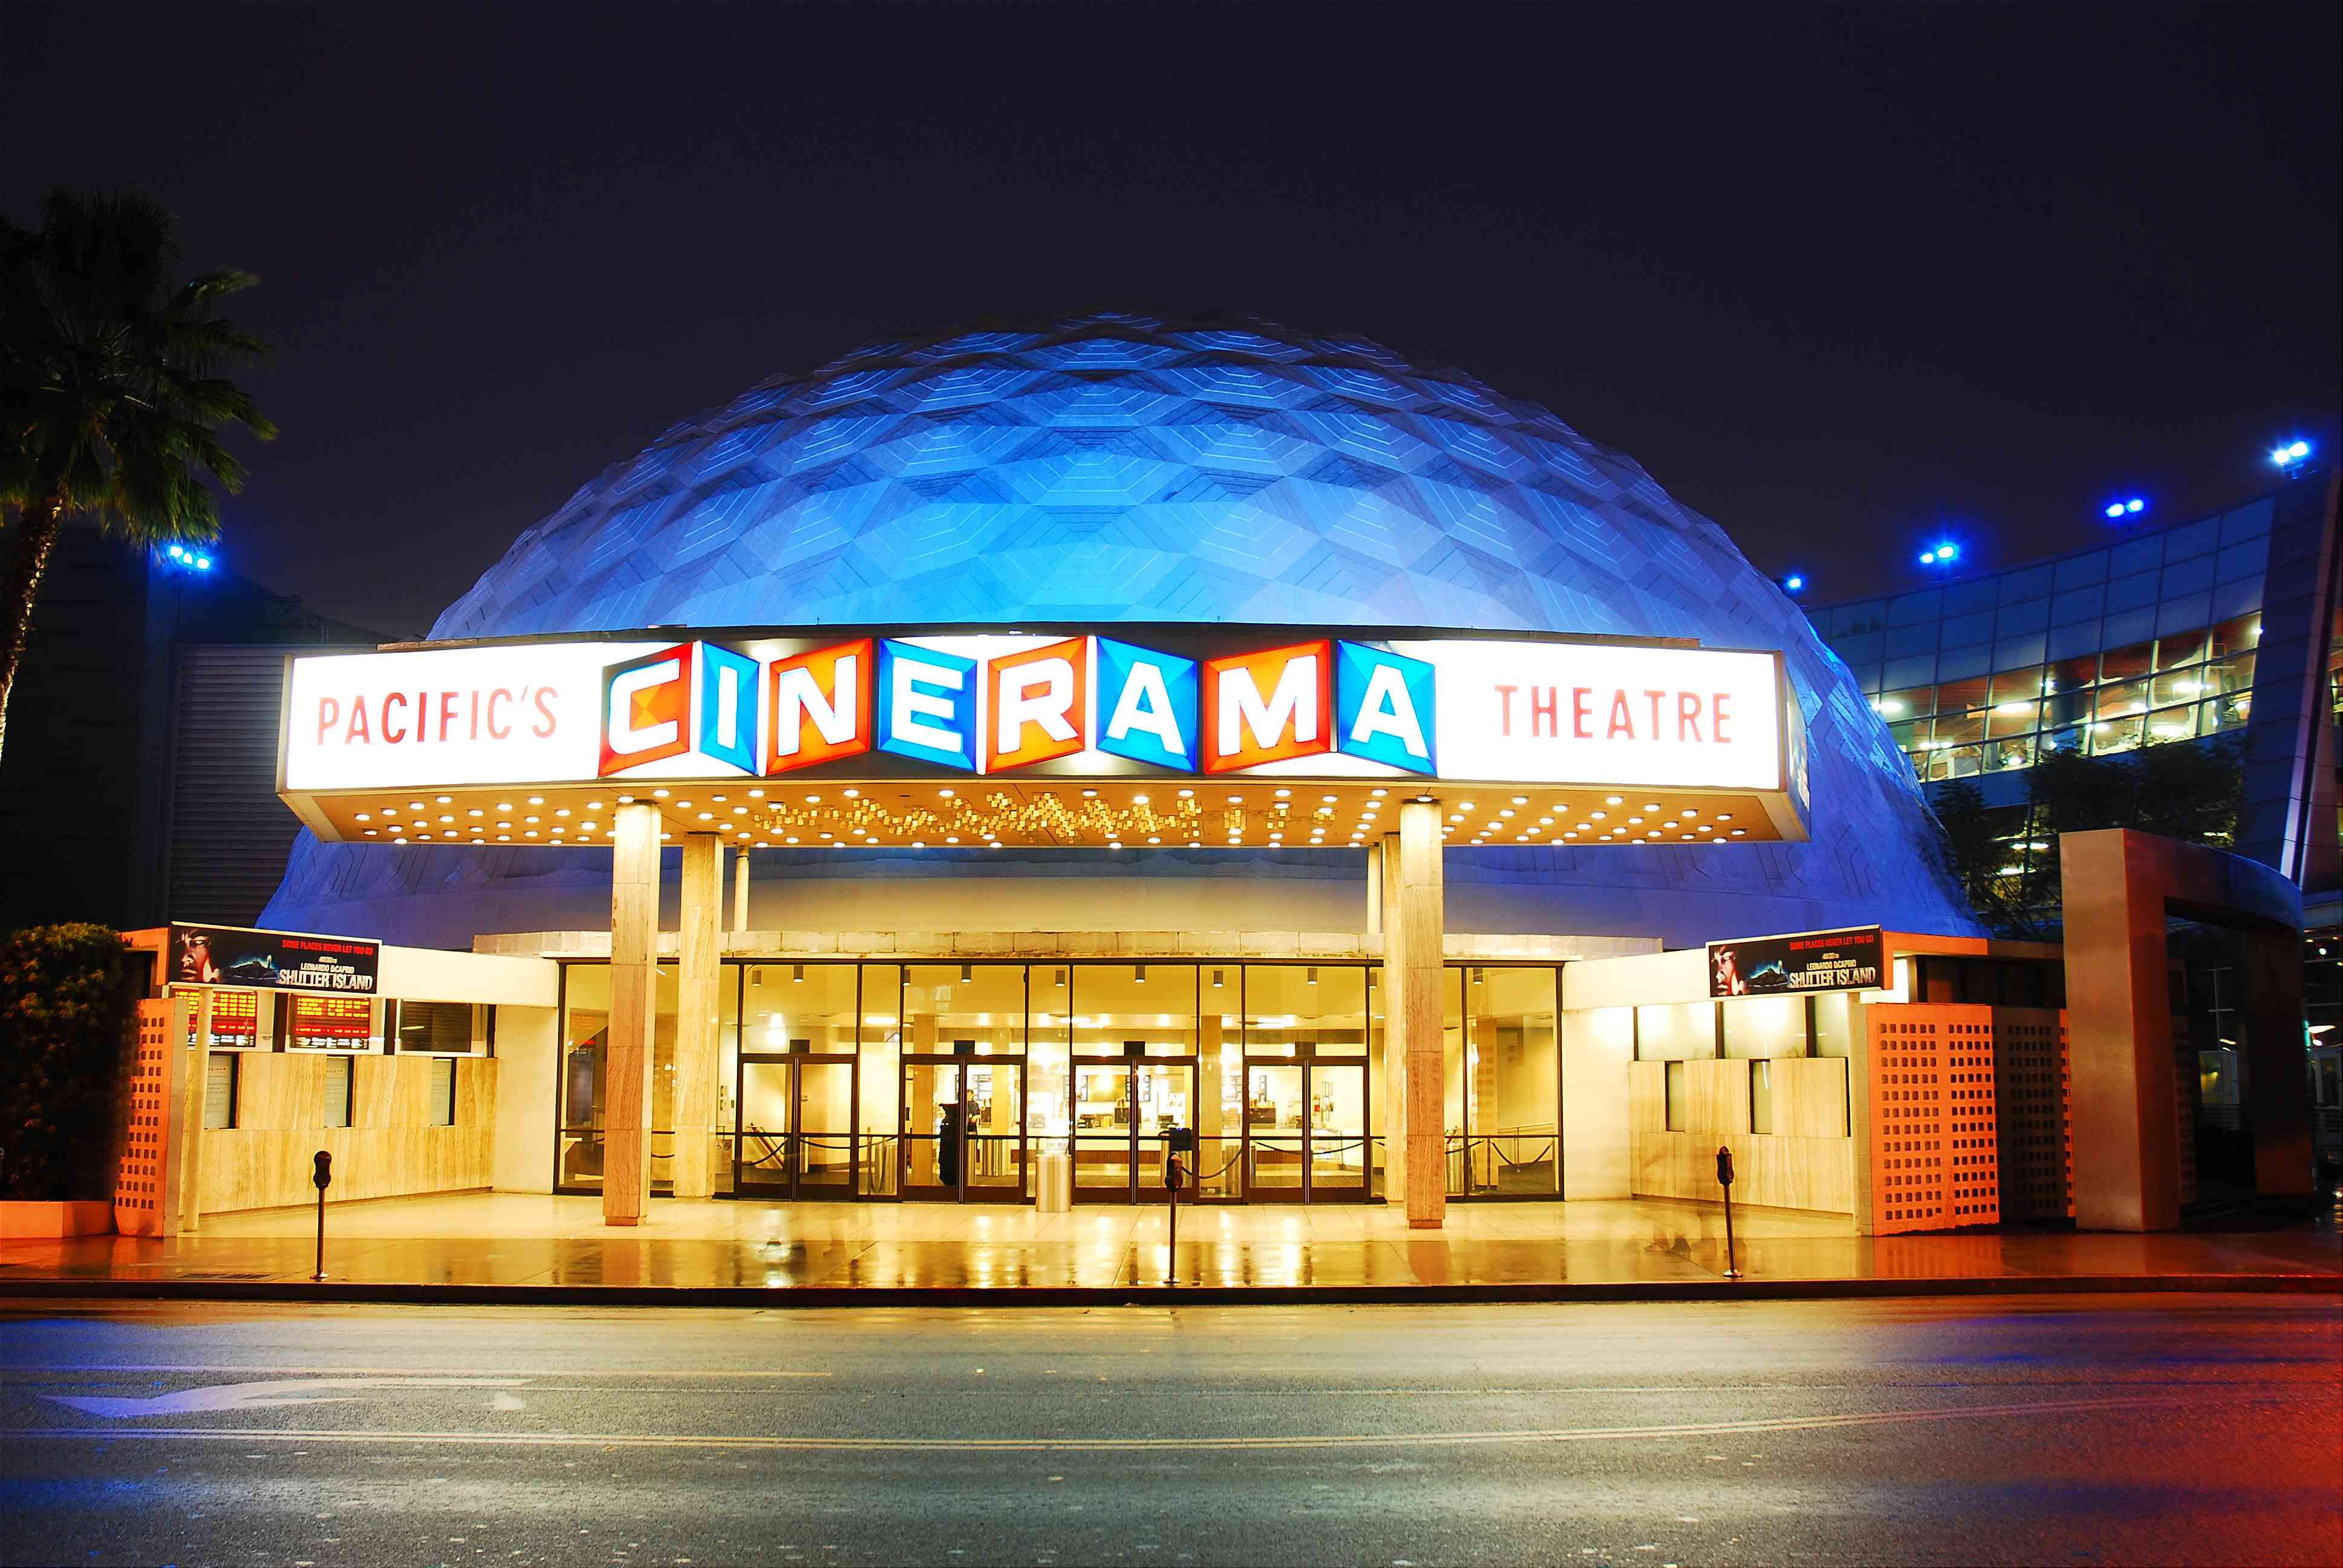 Cinerama Dome exterior at night